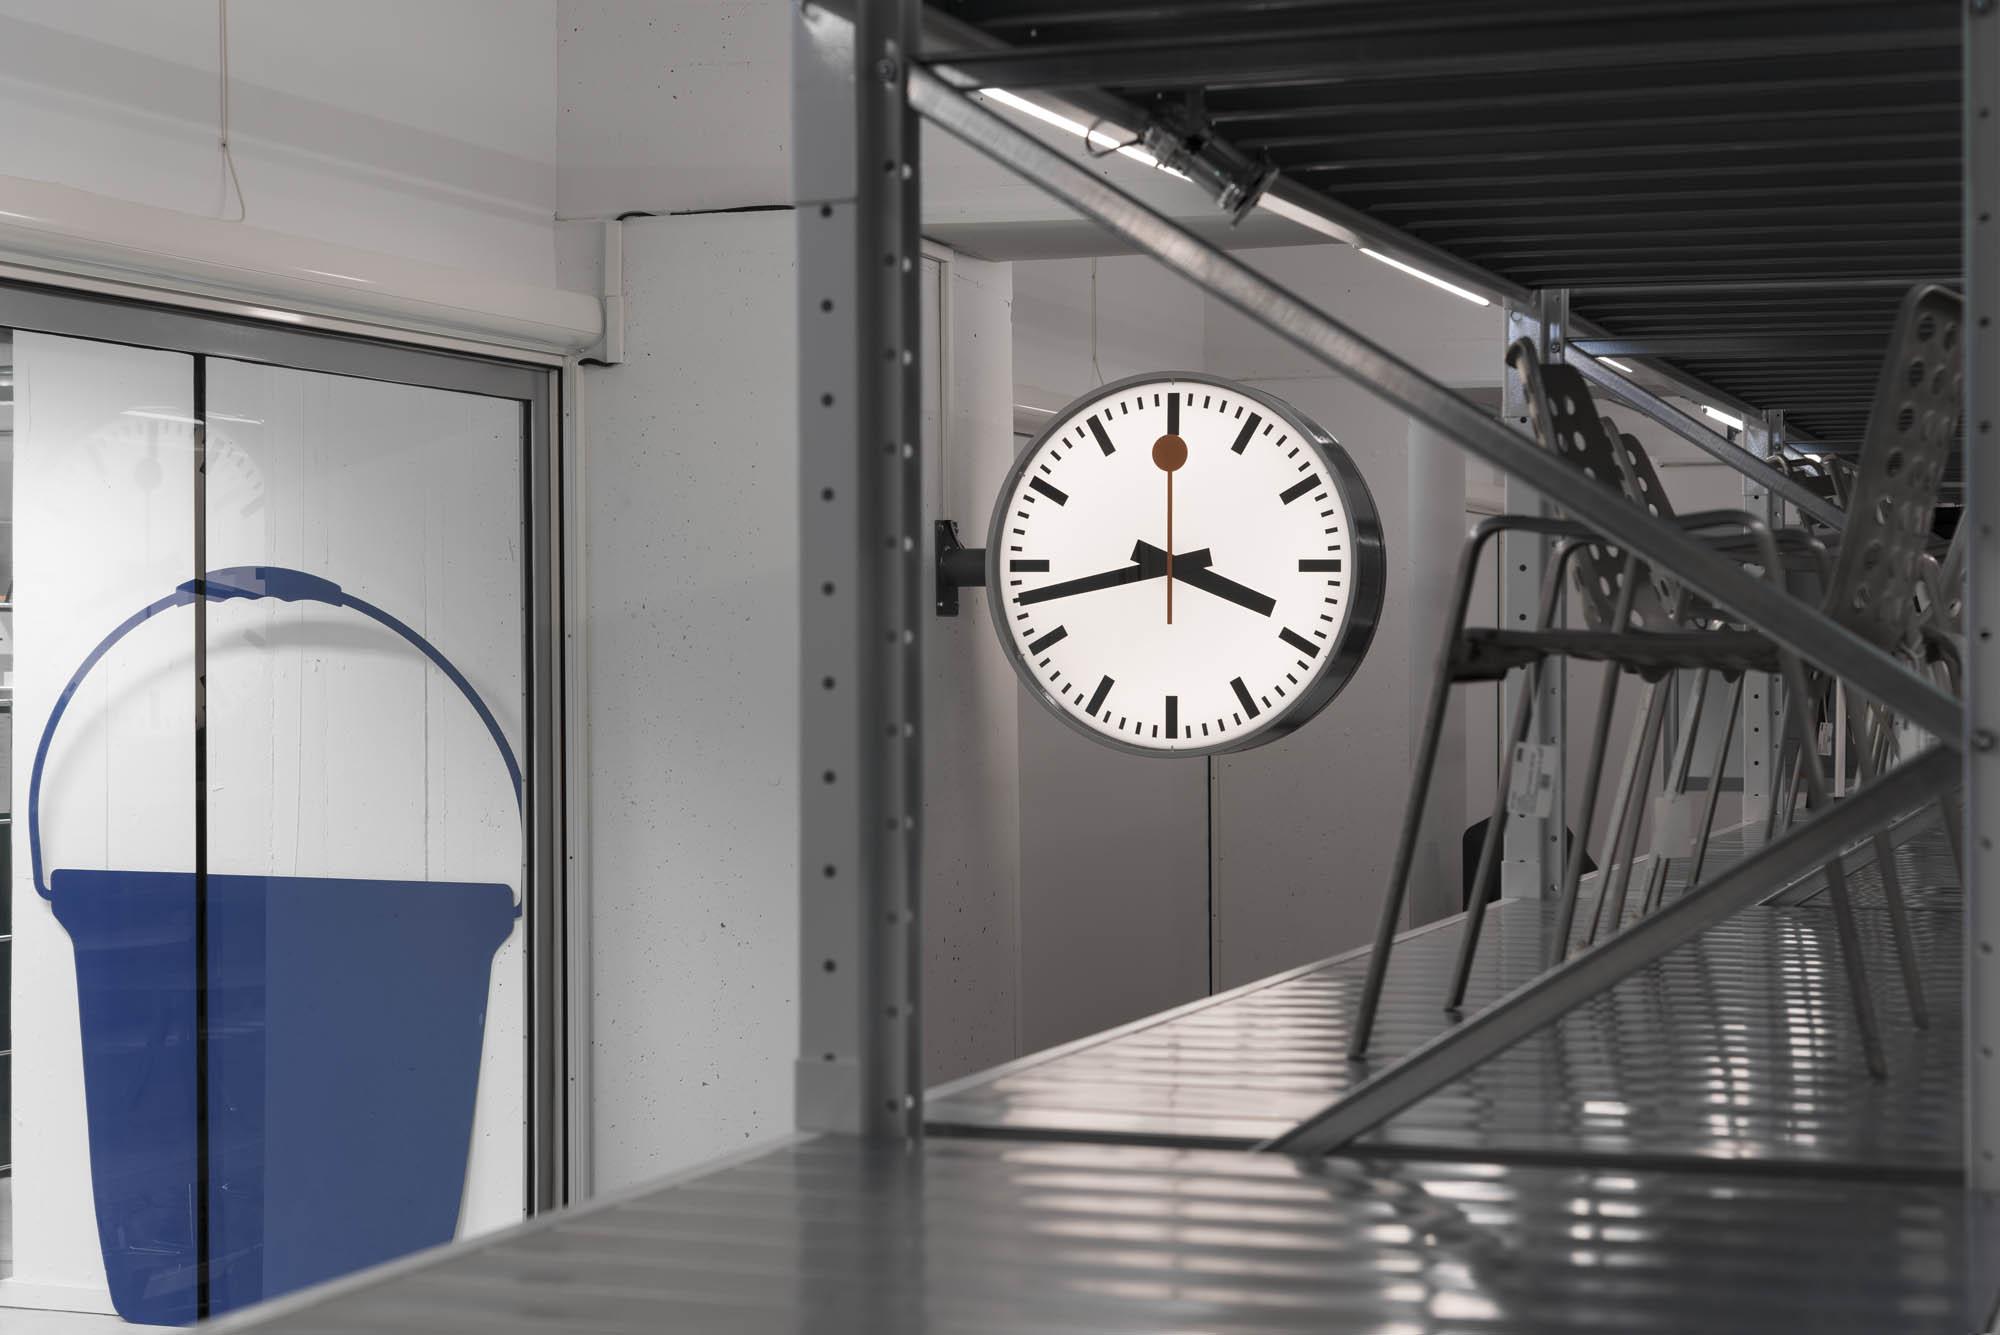 SBB Bahnhofsuhr Hans Hilfiker